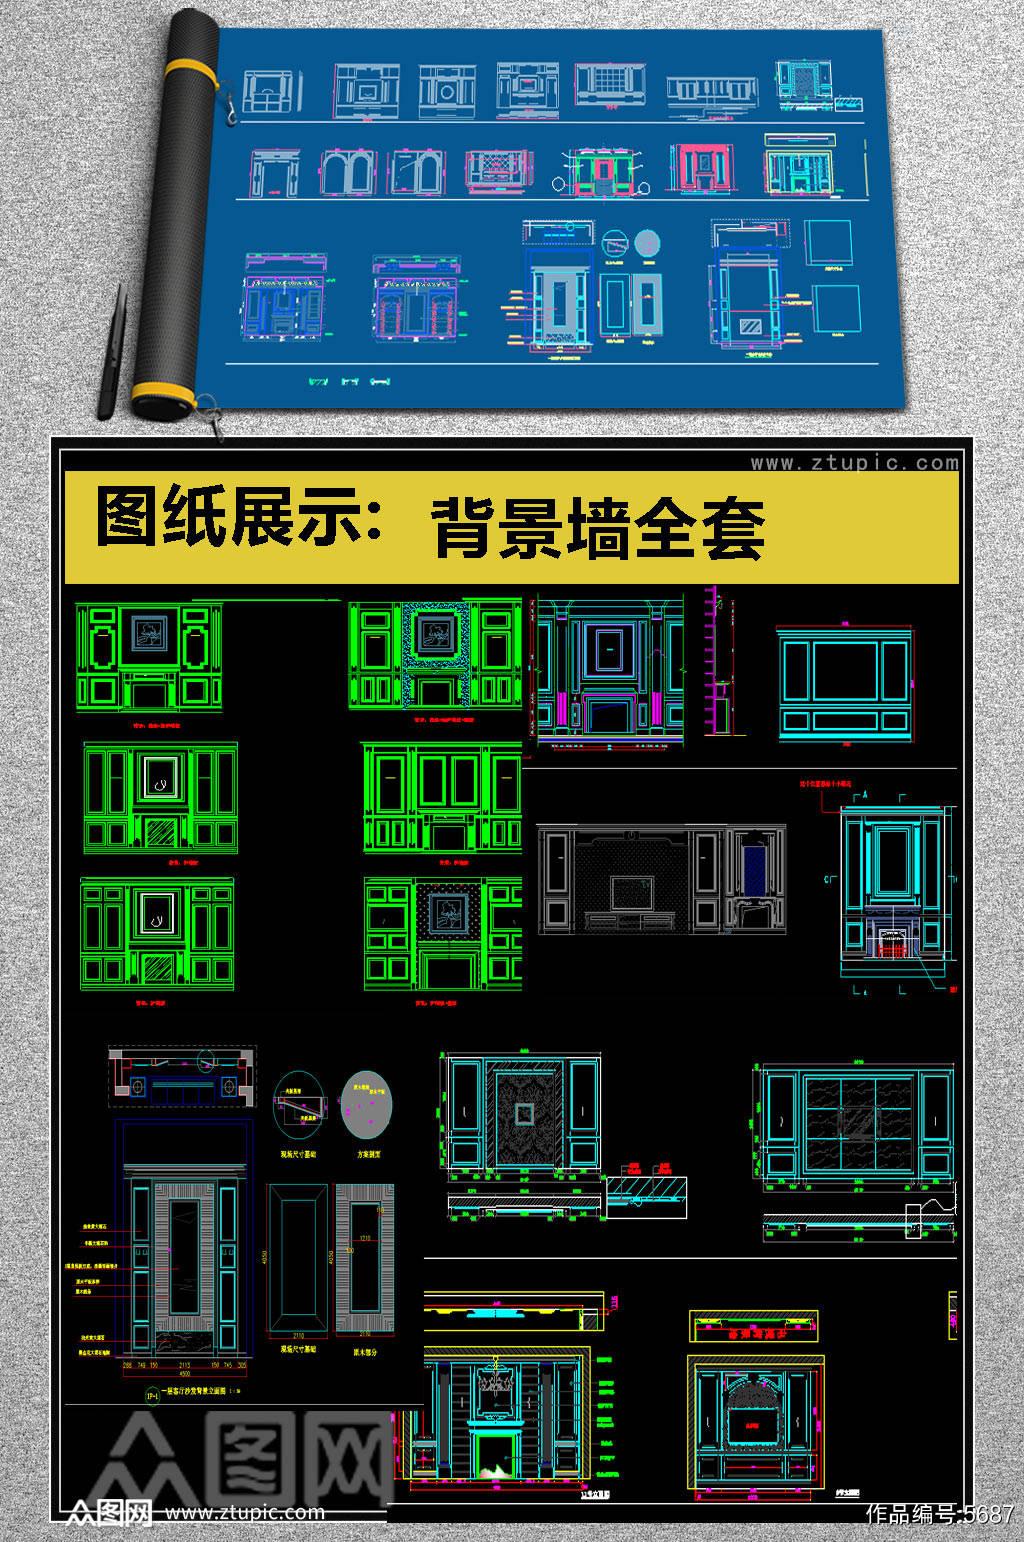 原创电视背景墙全套详细的CAD图库素材